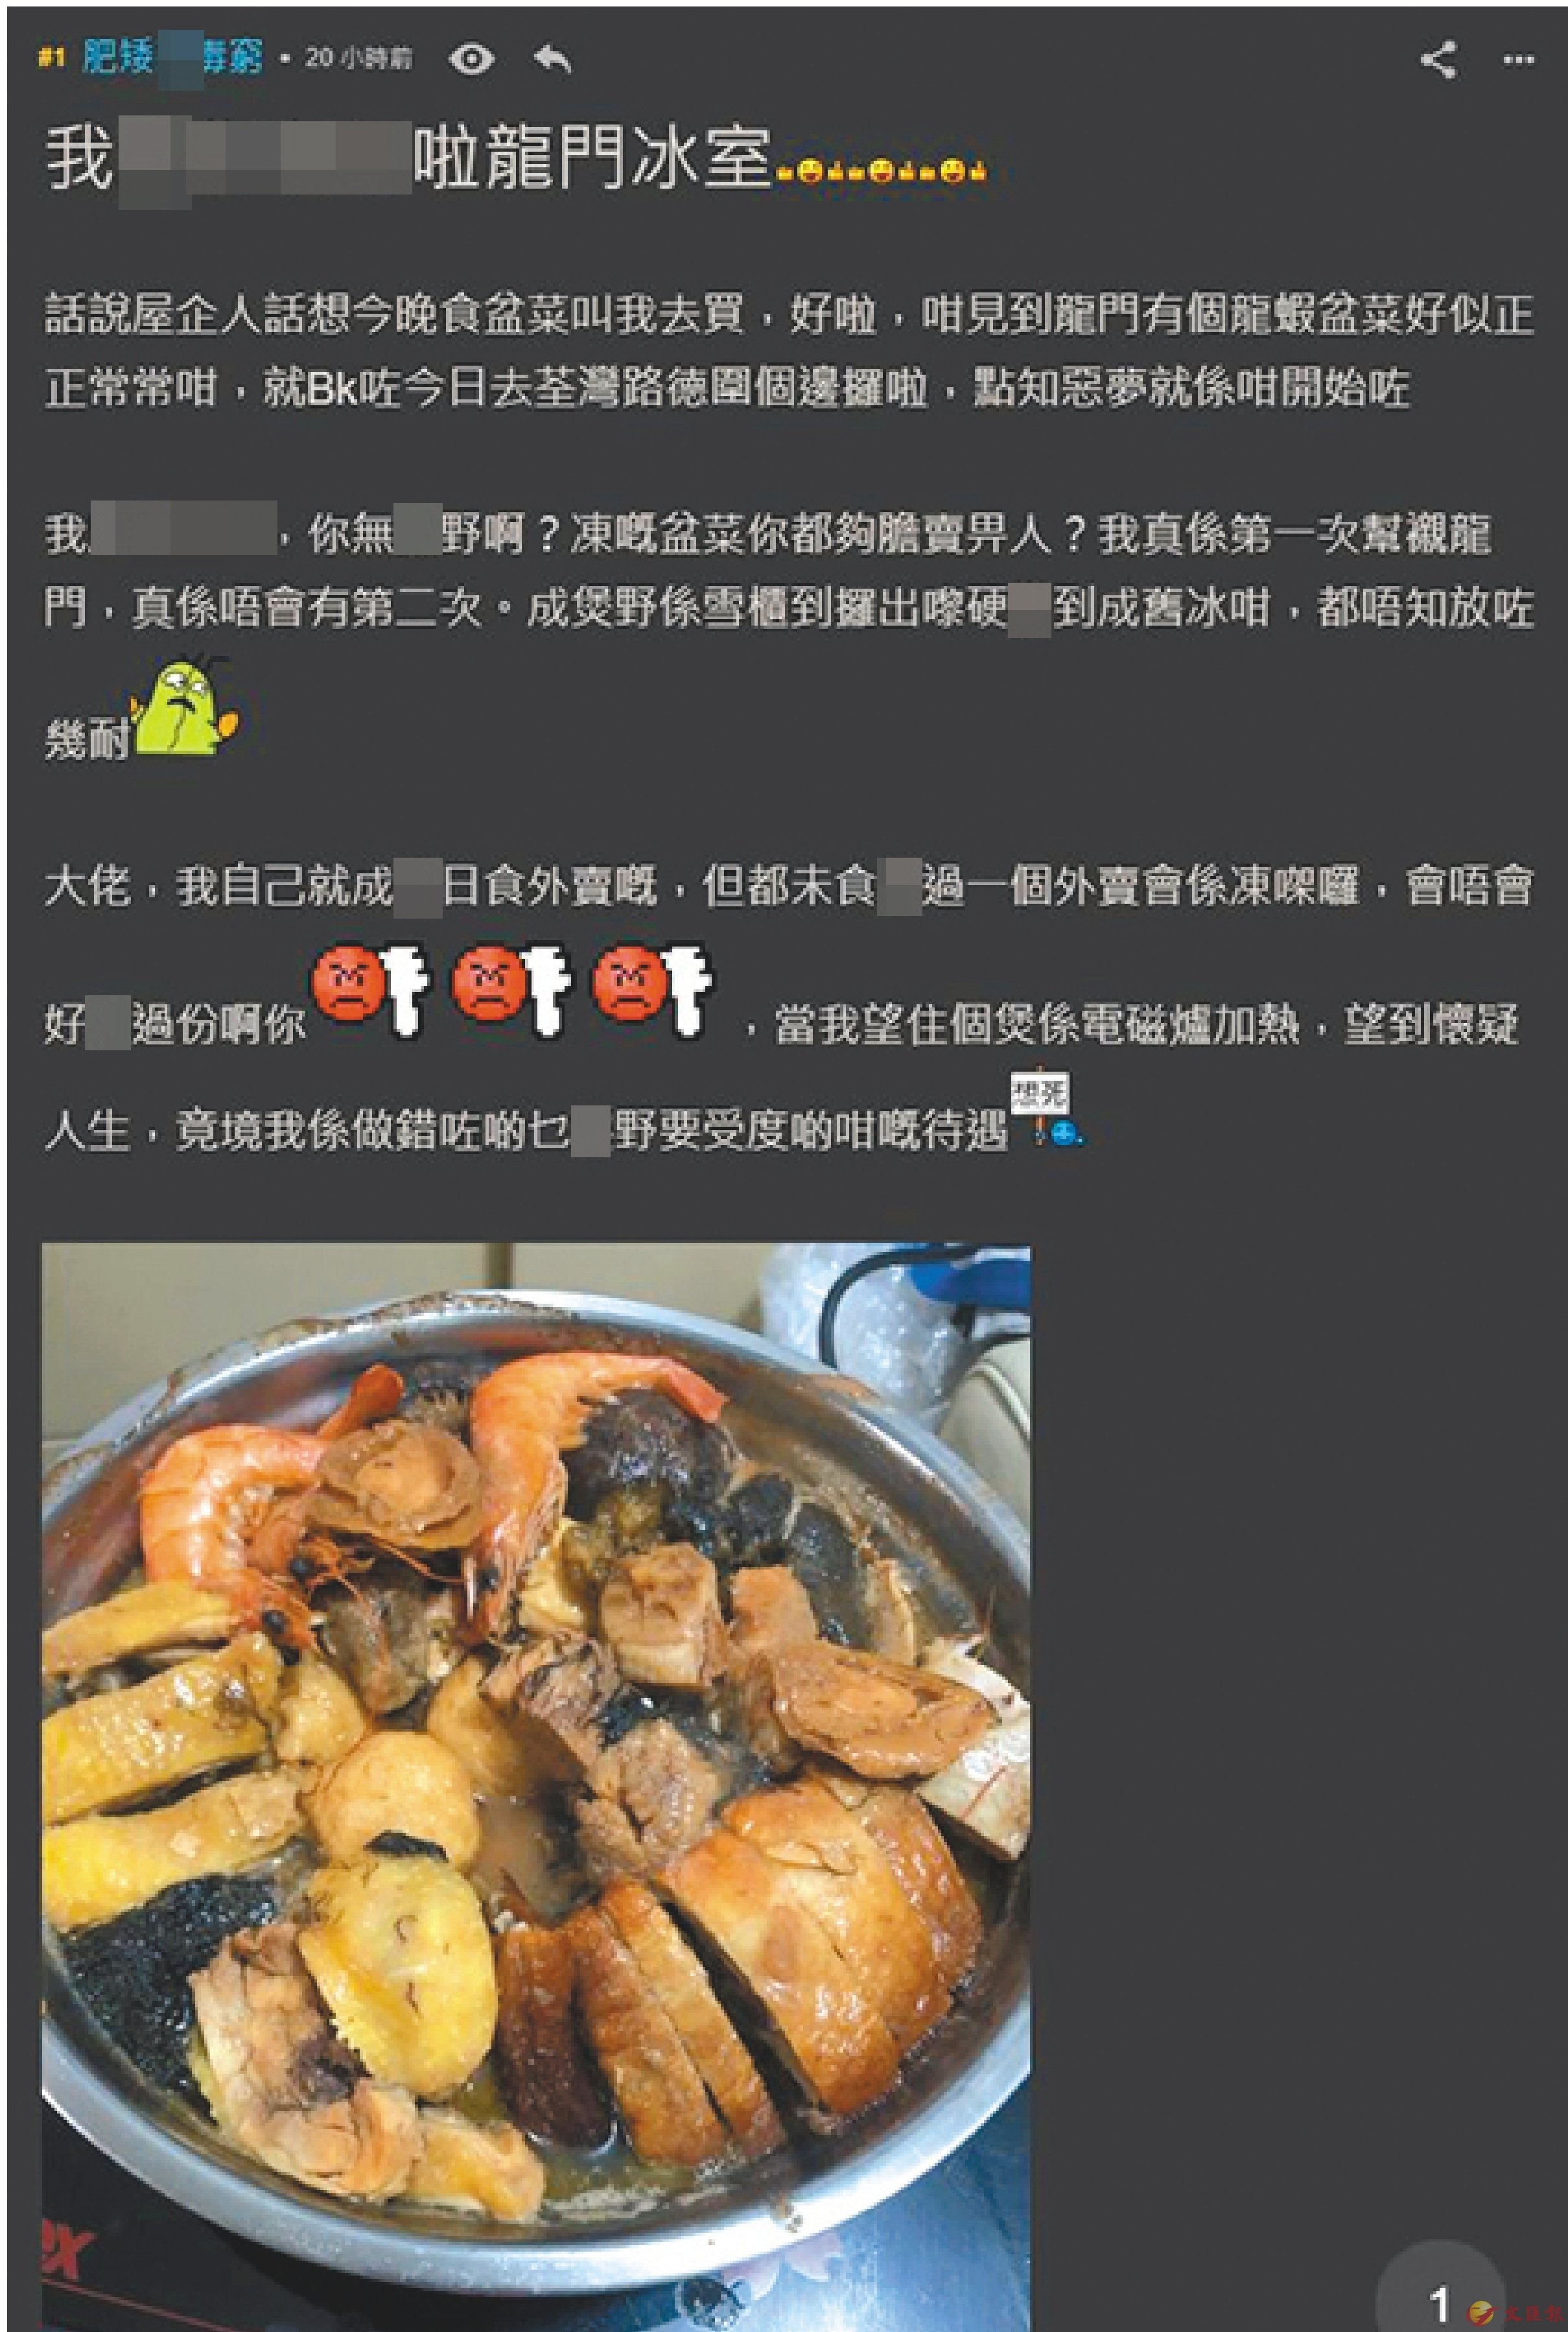 ●有網民爆粗鬧爆龍門冰室�囓~賣盆菜,竟然「成�膠B咁」畀客人。  「連登」截圖